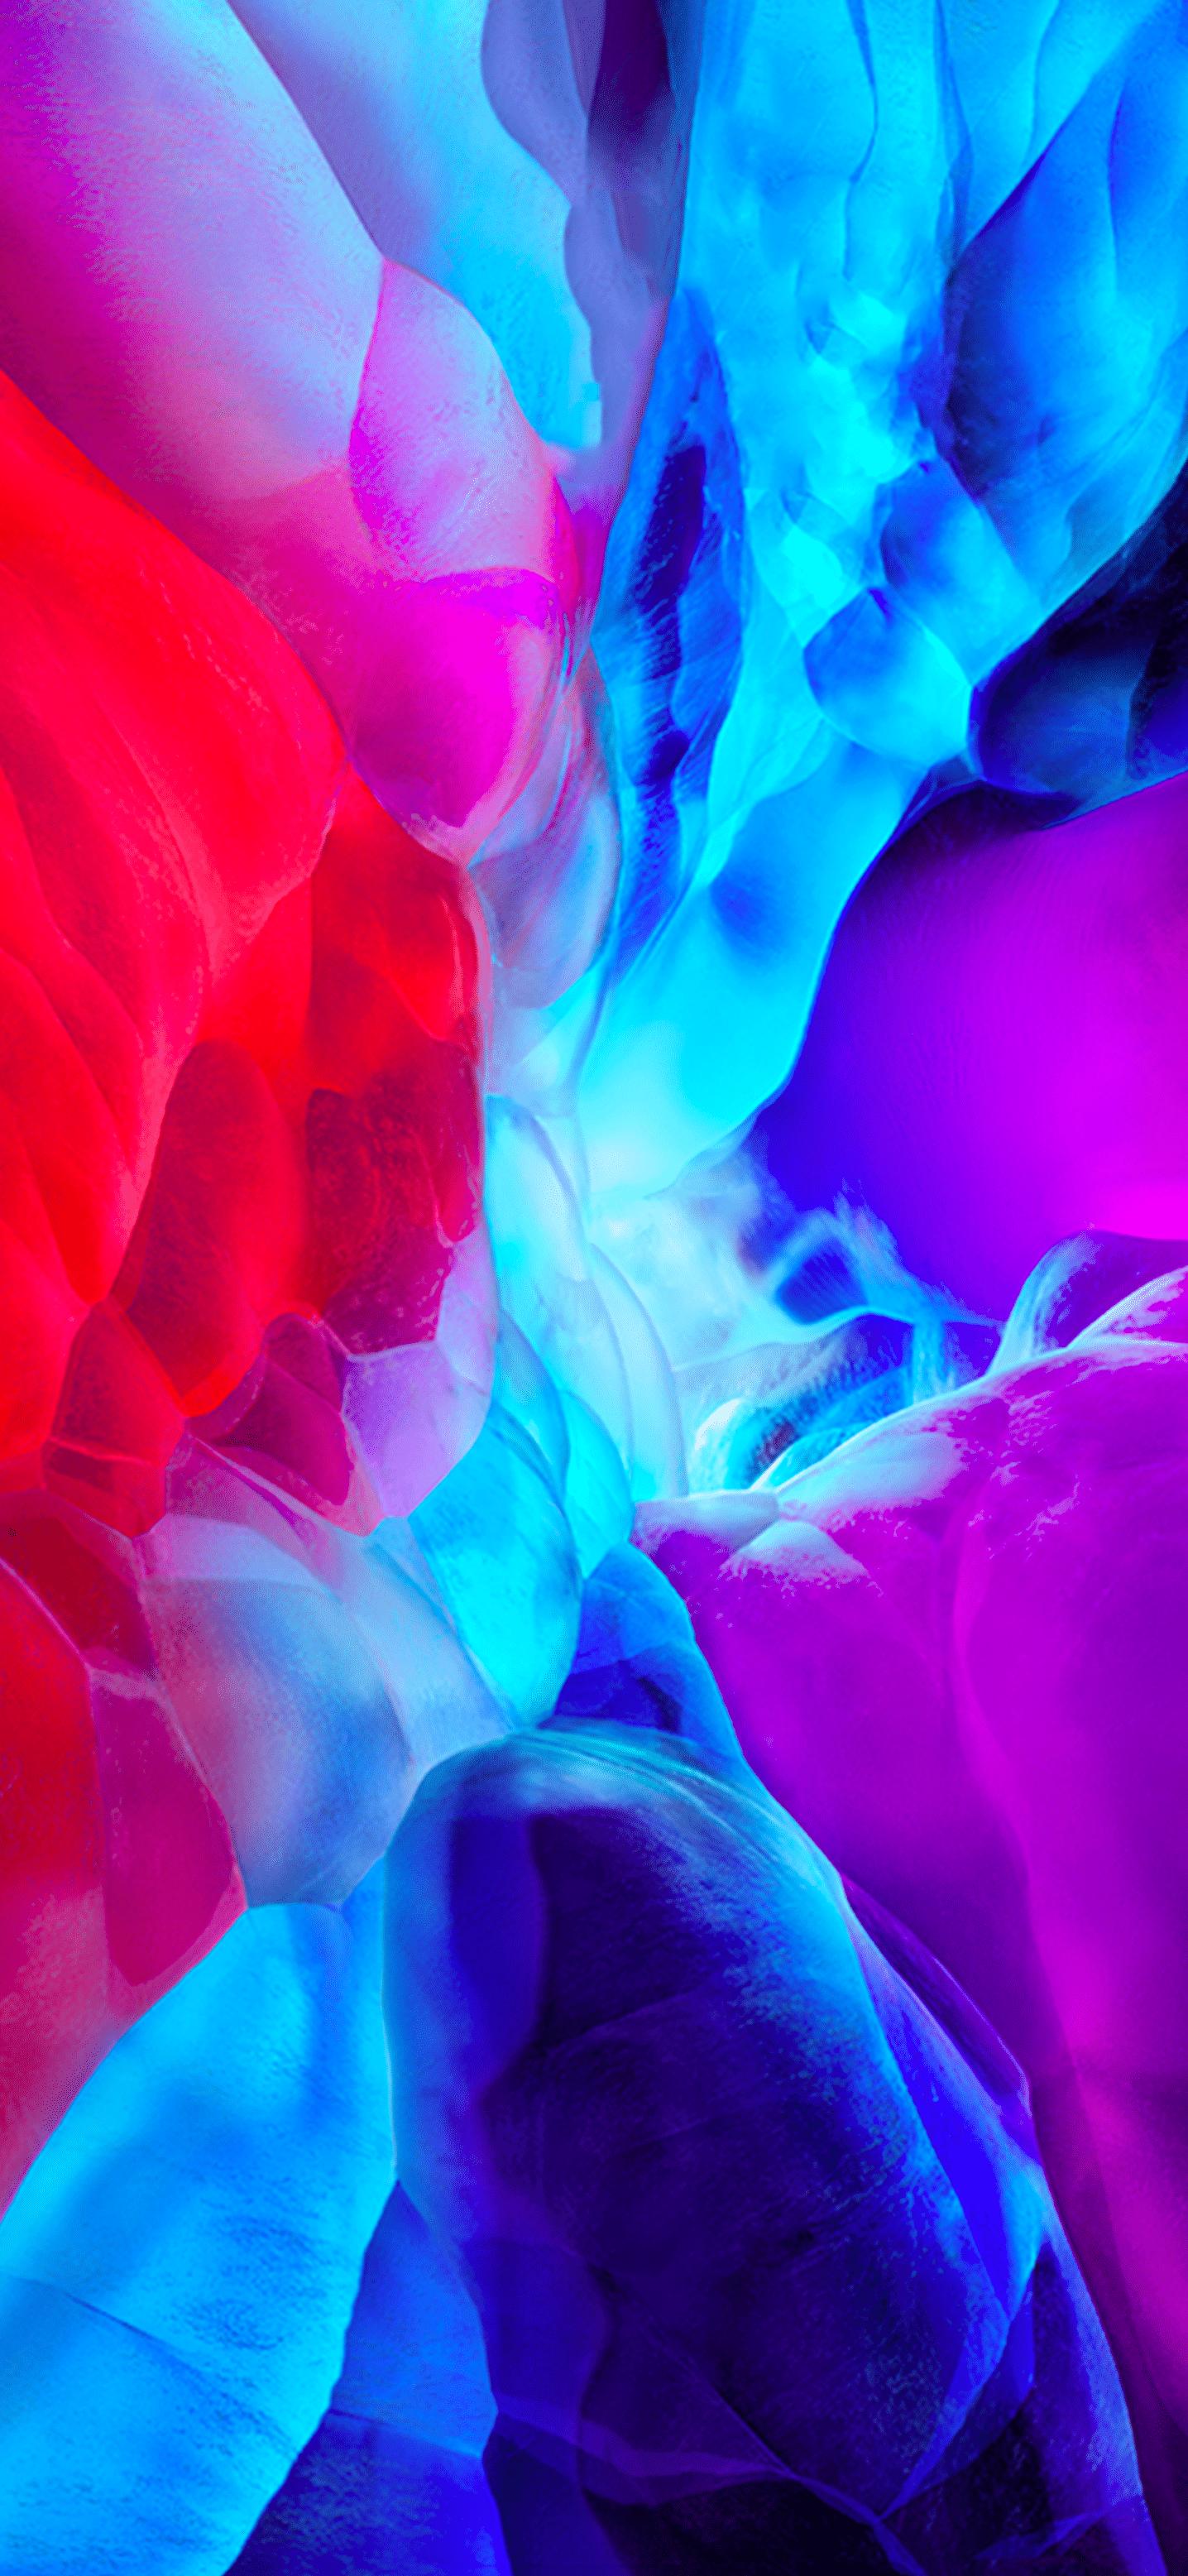 Epingle Par Dominic Sur Wallpaper Iphone 11 12 X Xs Max En 2020 Fond D Ecran Colore Ipad Pro Apple Fond Ecran Ipad